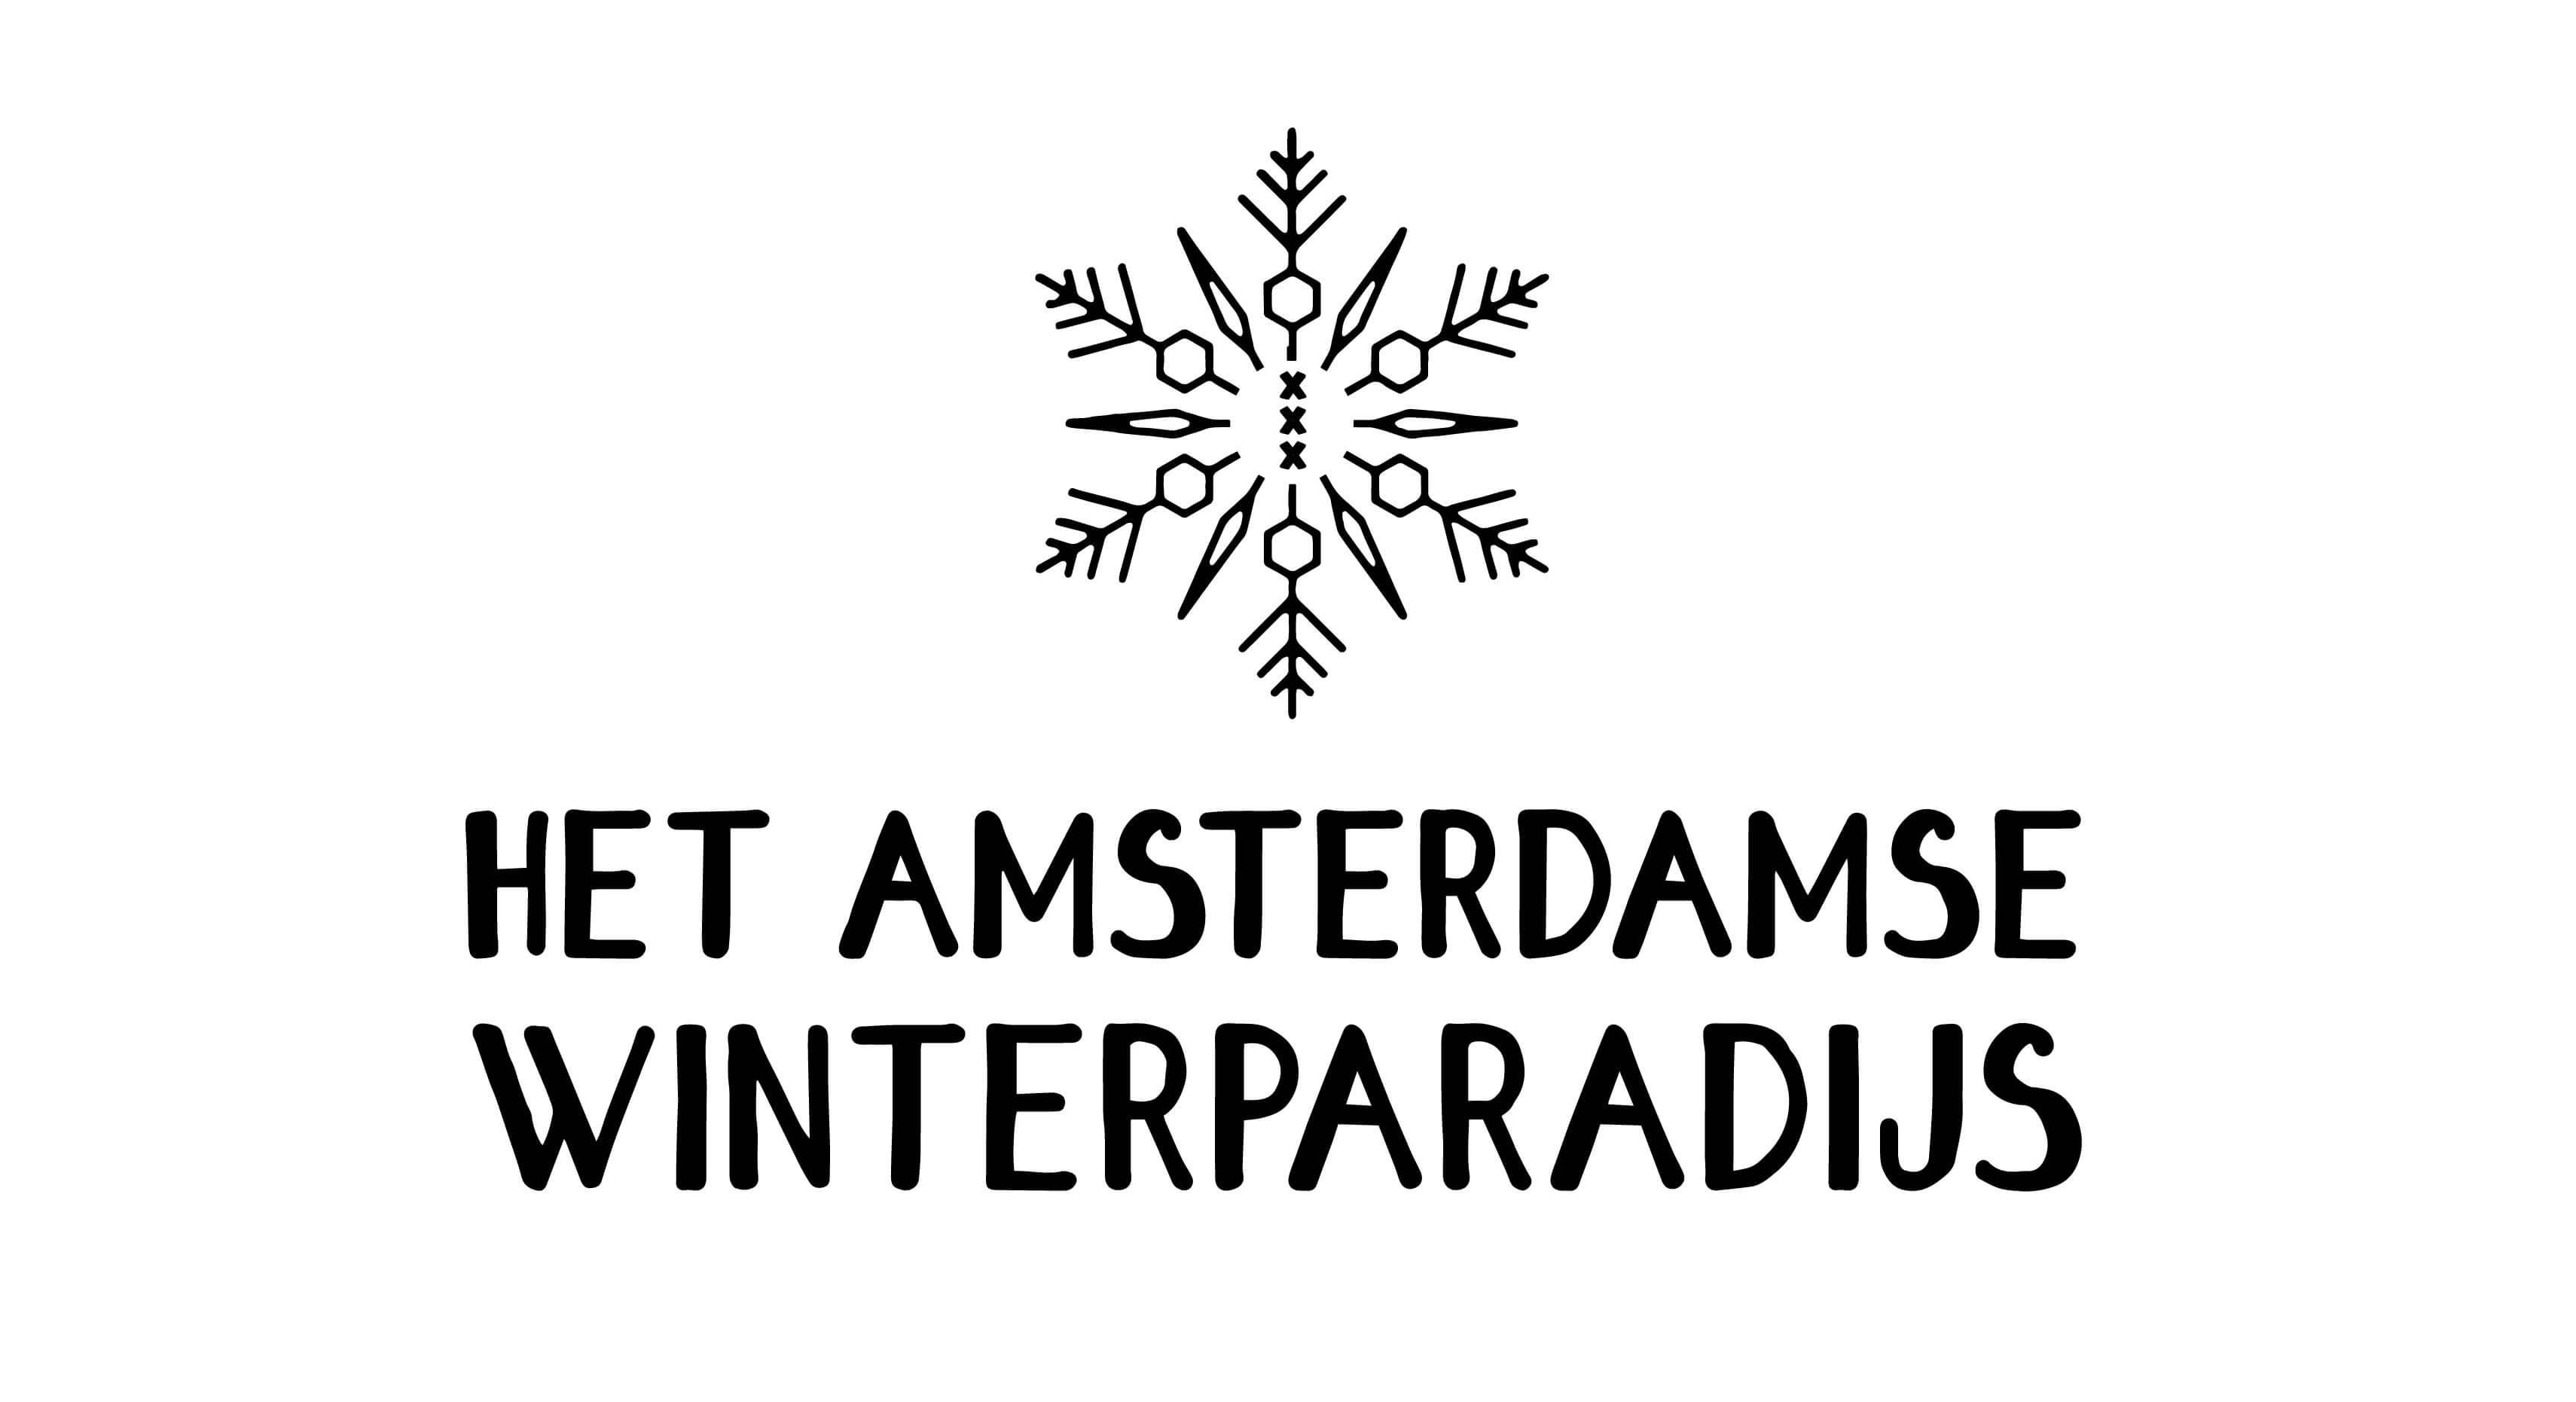 logo van amsterdamse winterparadijs